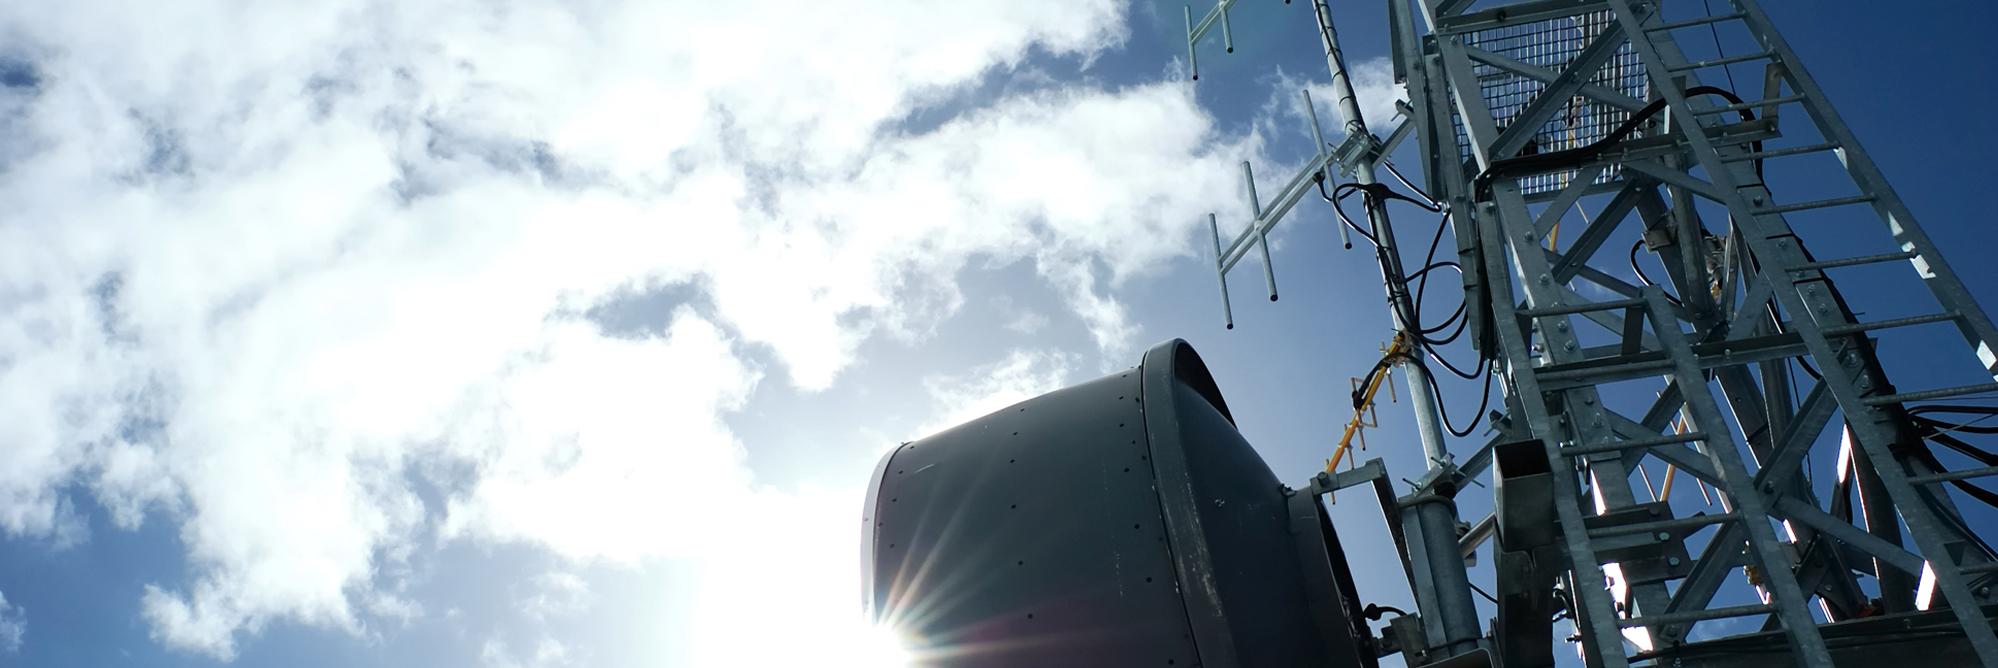 CONDICIONES DE USO DE LAS REDES DE  AREA LOCAL EN LA BANDA DE 5 GHz 1 La Subdirección General de Inspección de las Telecomunicaciones de la SESIAD ha elaborado una nota informativa, que se adjunta a la presente, en relación a